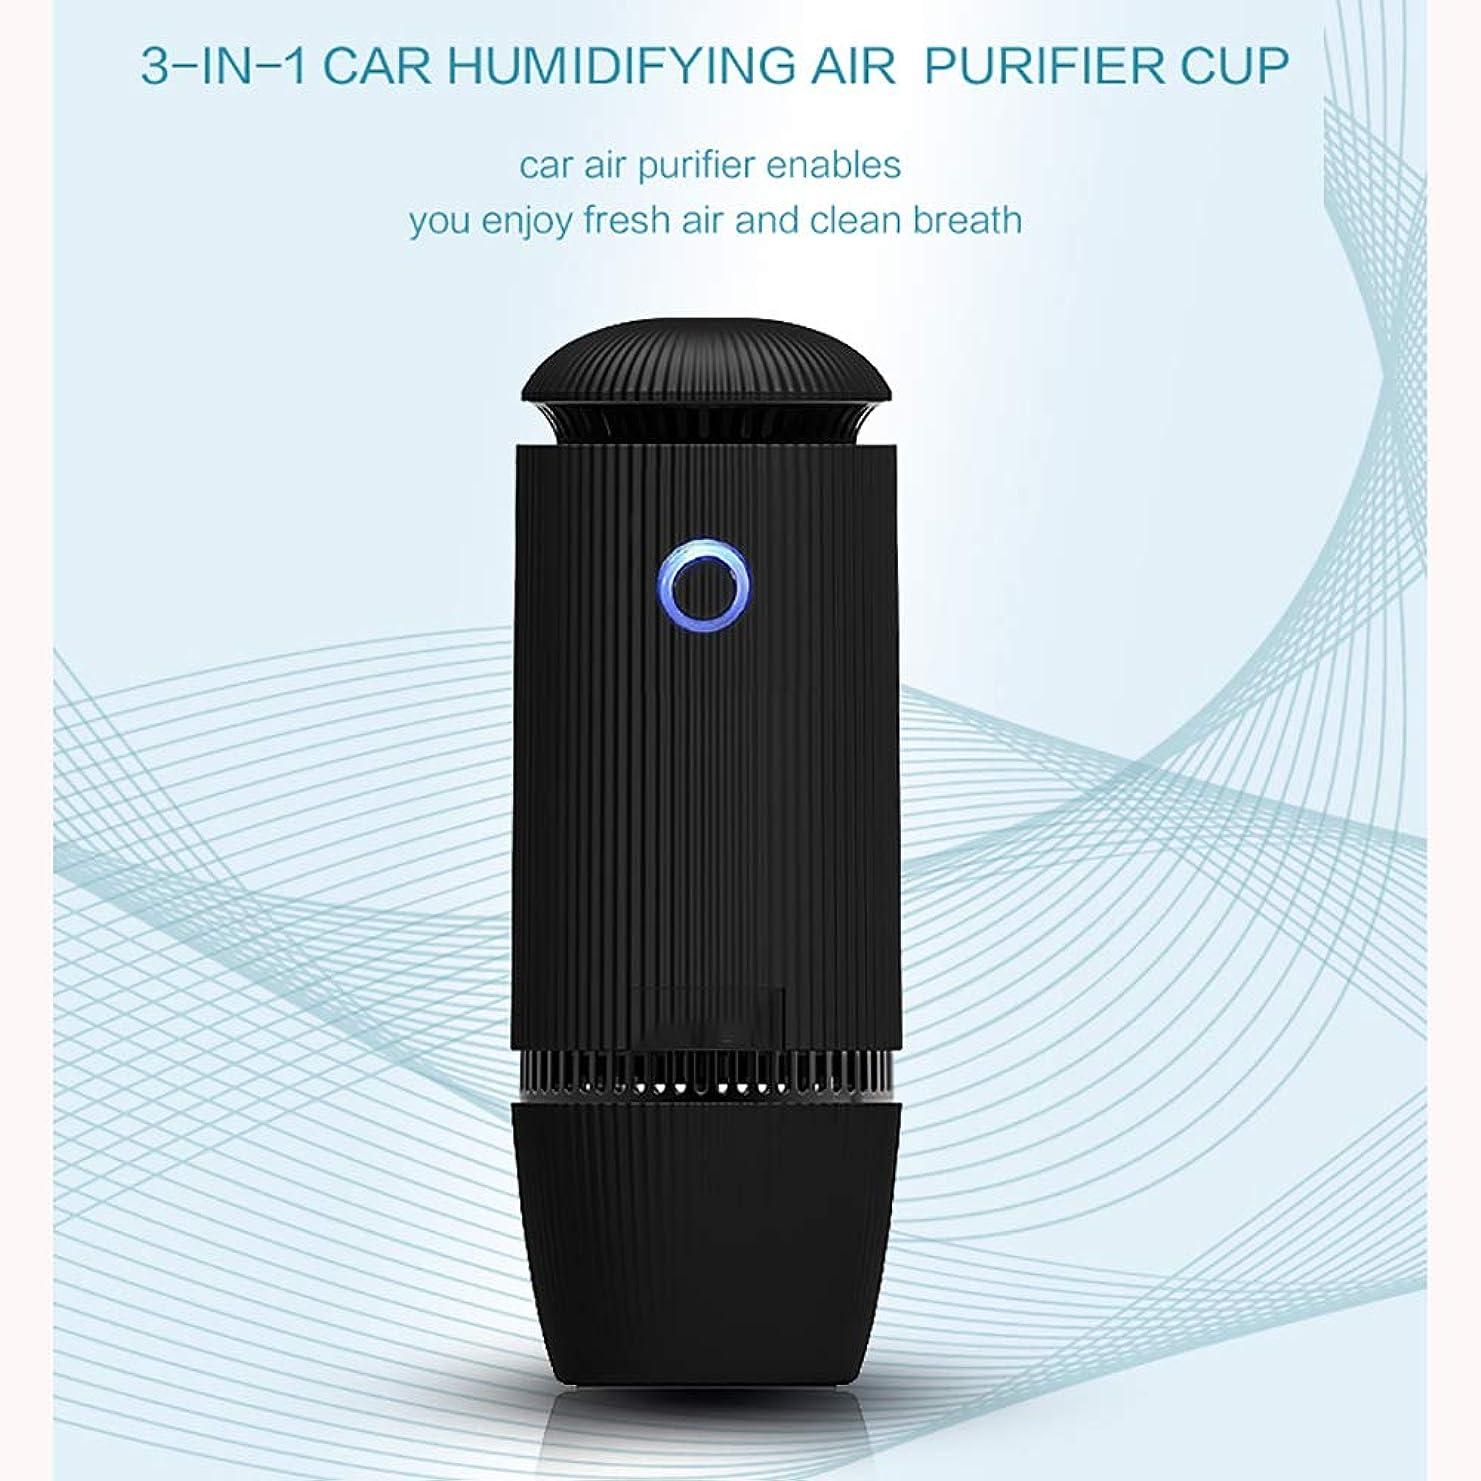 床動的掃除車のアロマセラピー機械清浄機、エッセンシャルオイルディフューザー多機能USBアロマ加湿器用車、家庭、仕事